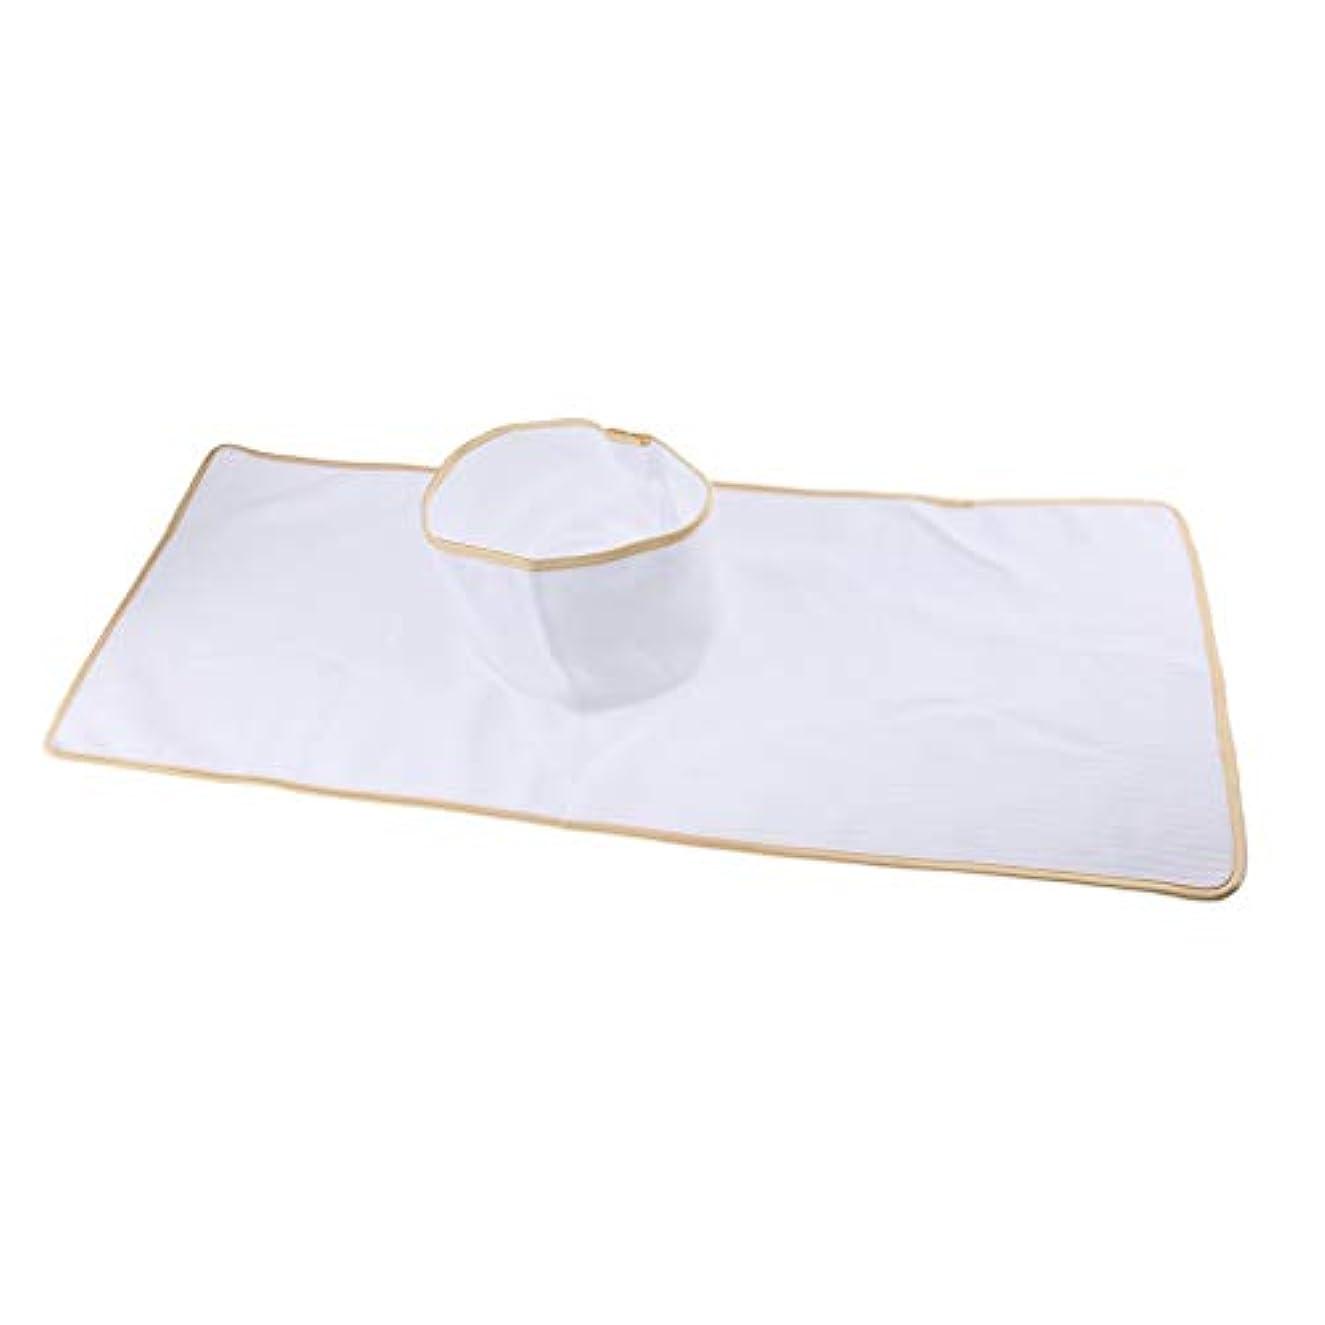 オリエンタル反発する悪用洗える指圧マッサージベッドタトゥーテーブルシートパッドマットフェイスホールカバー - 白